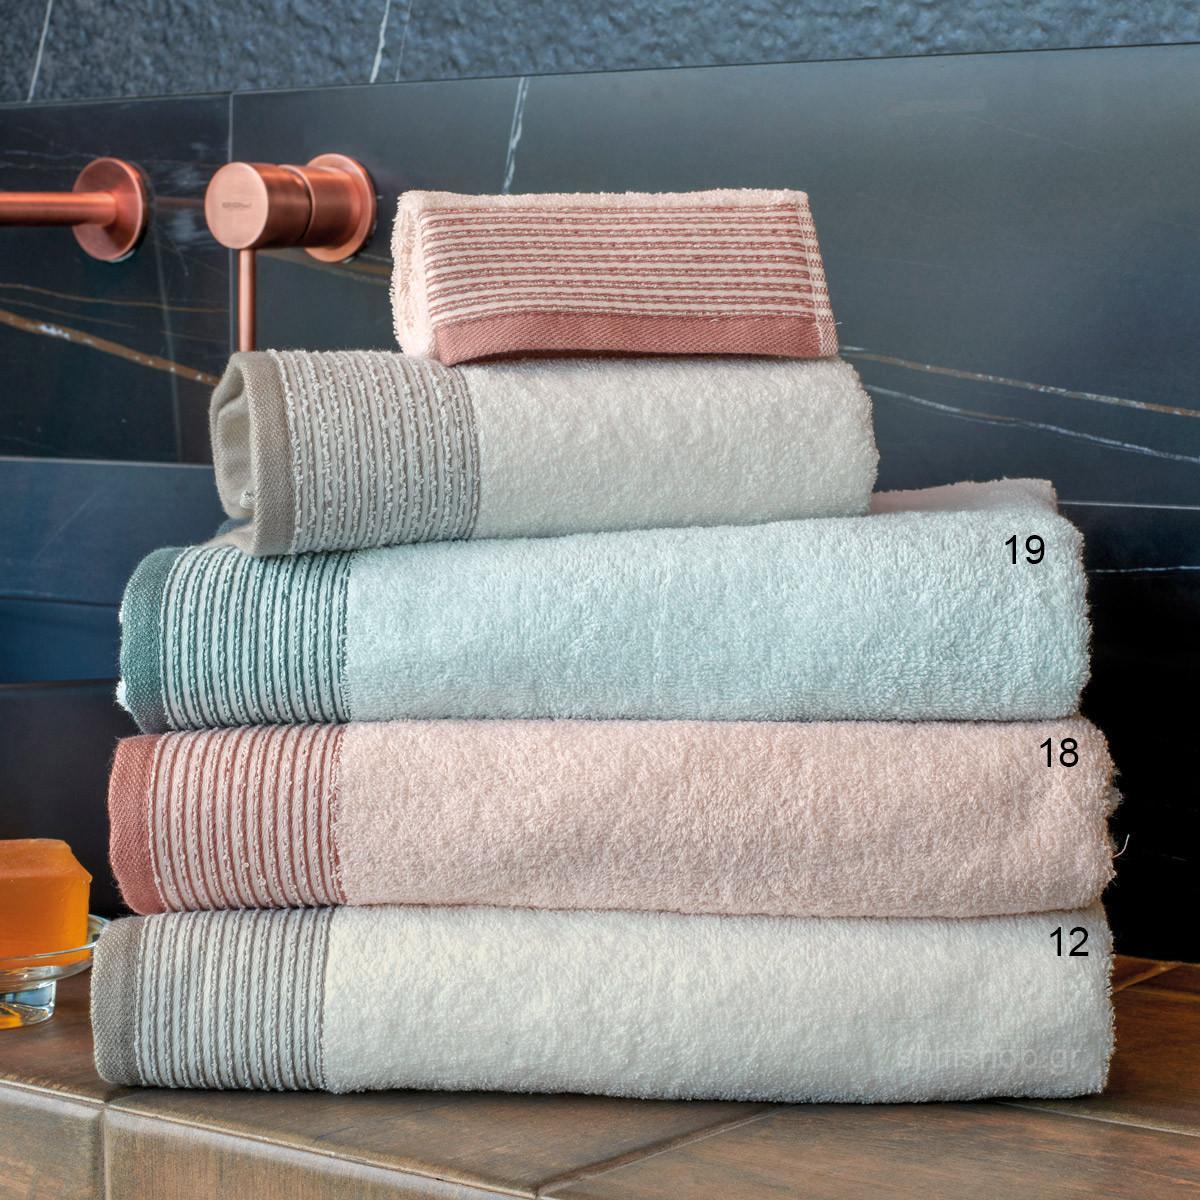 Πετσέτες Μπάνιου (Σετ 3τμχ) Kentia Bath Savenna home   μπάνιο   πετσέτες μπάνιου